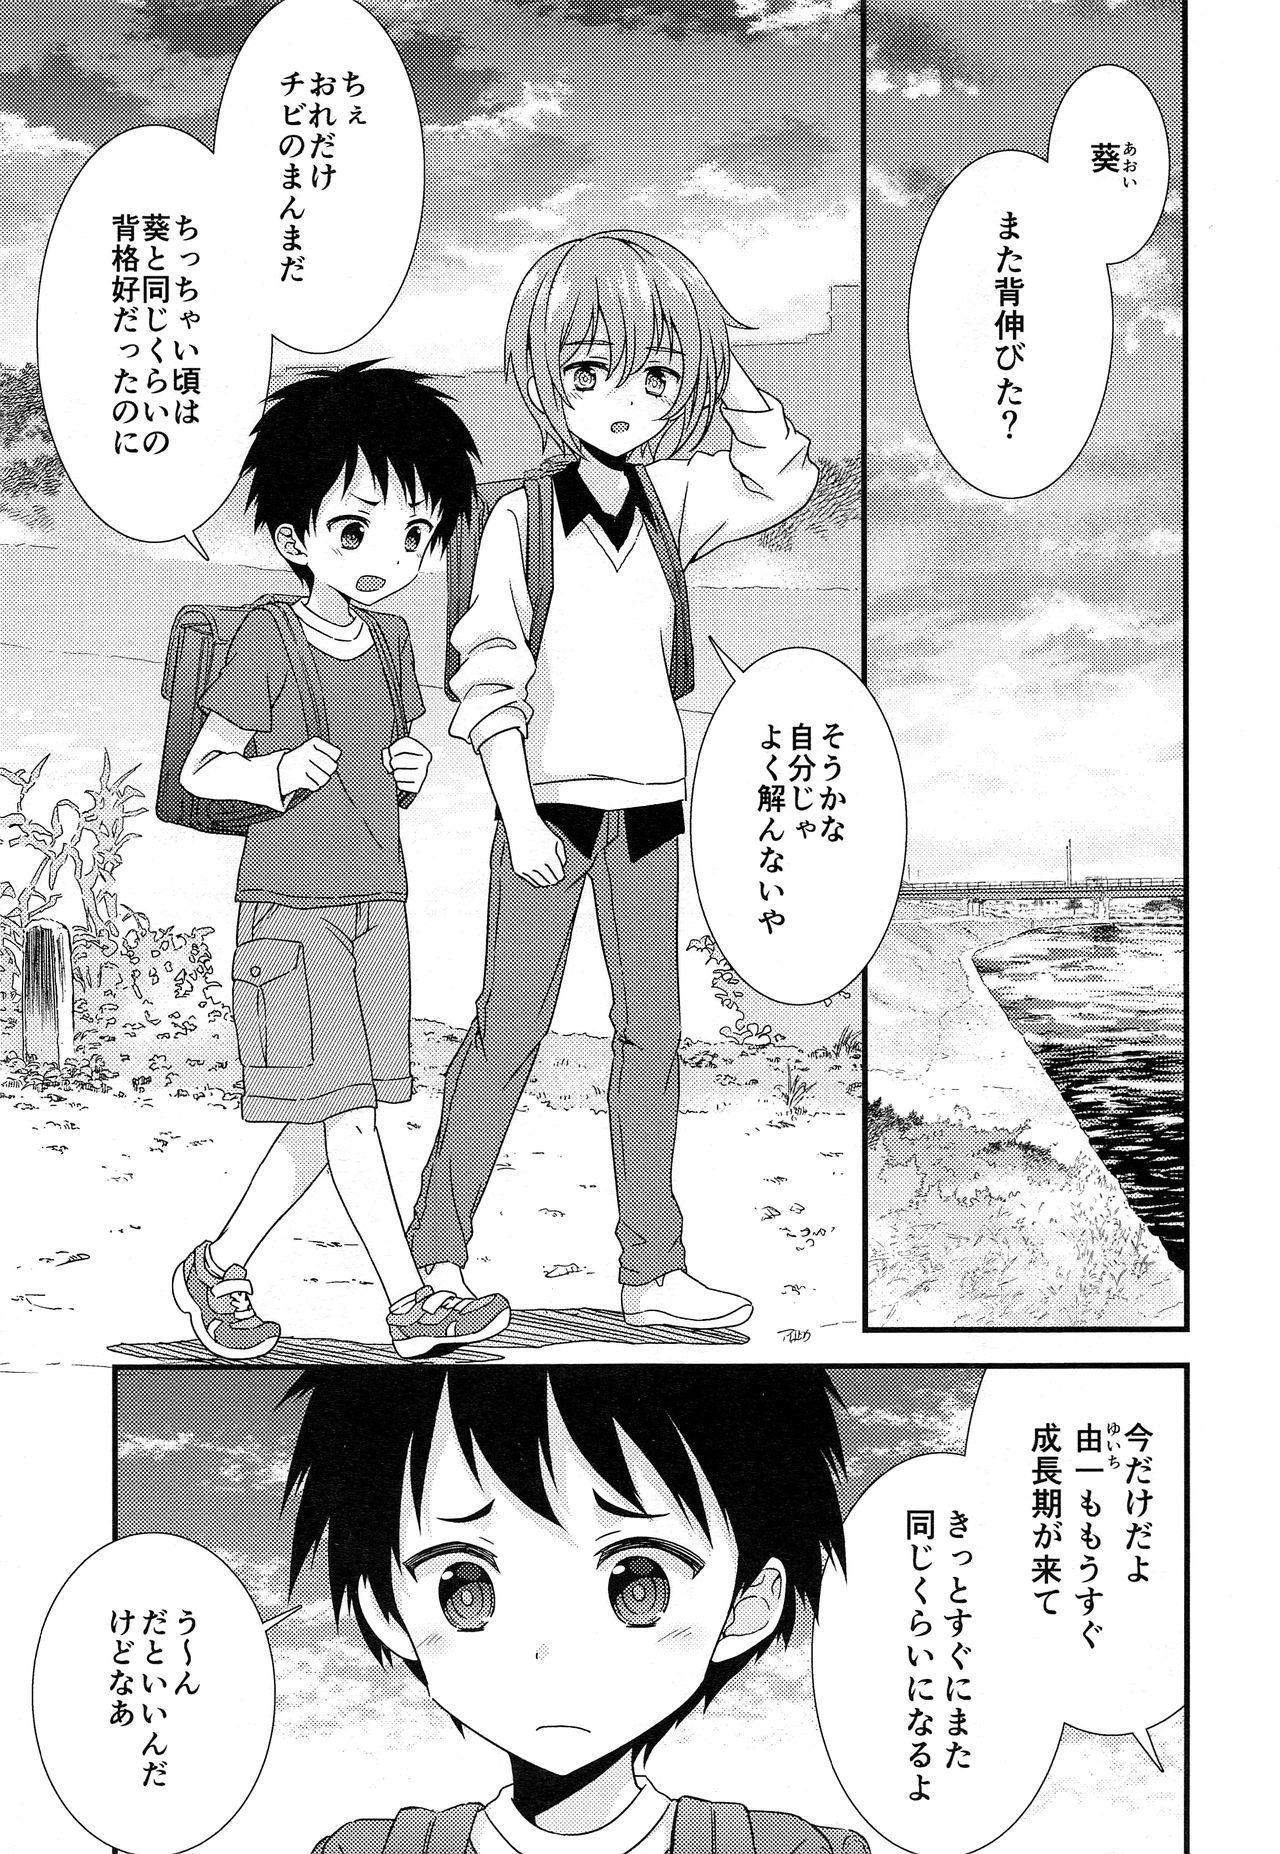 Yuujou no Hate ni Kimi to Sex shita 3